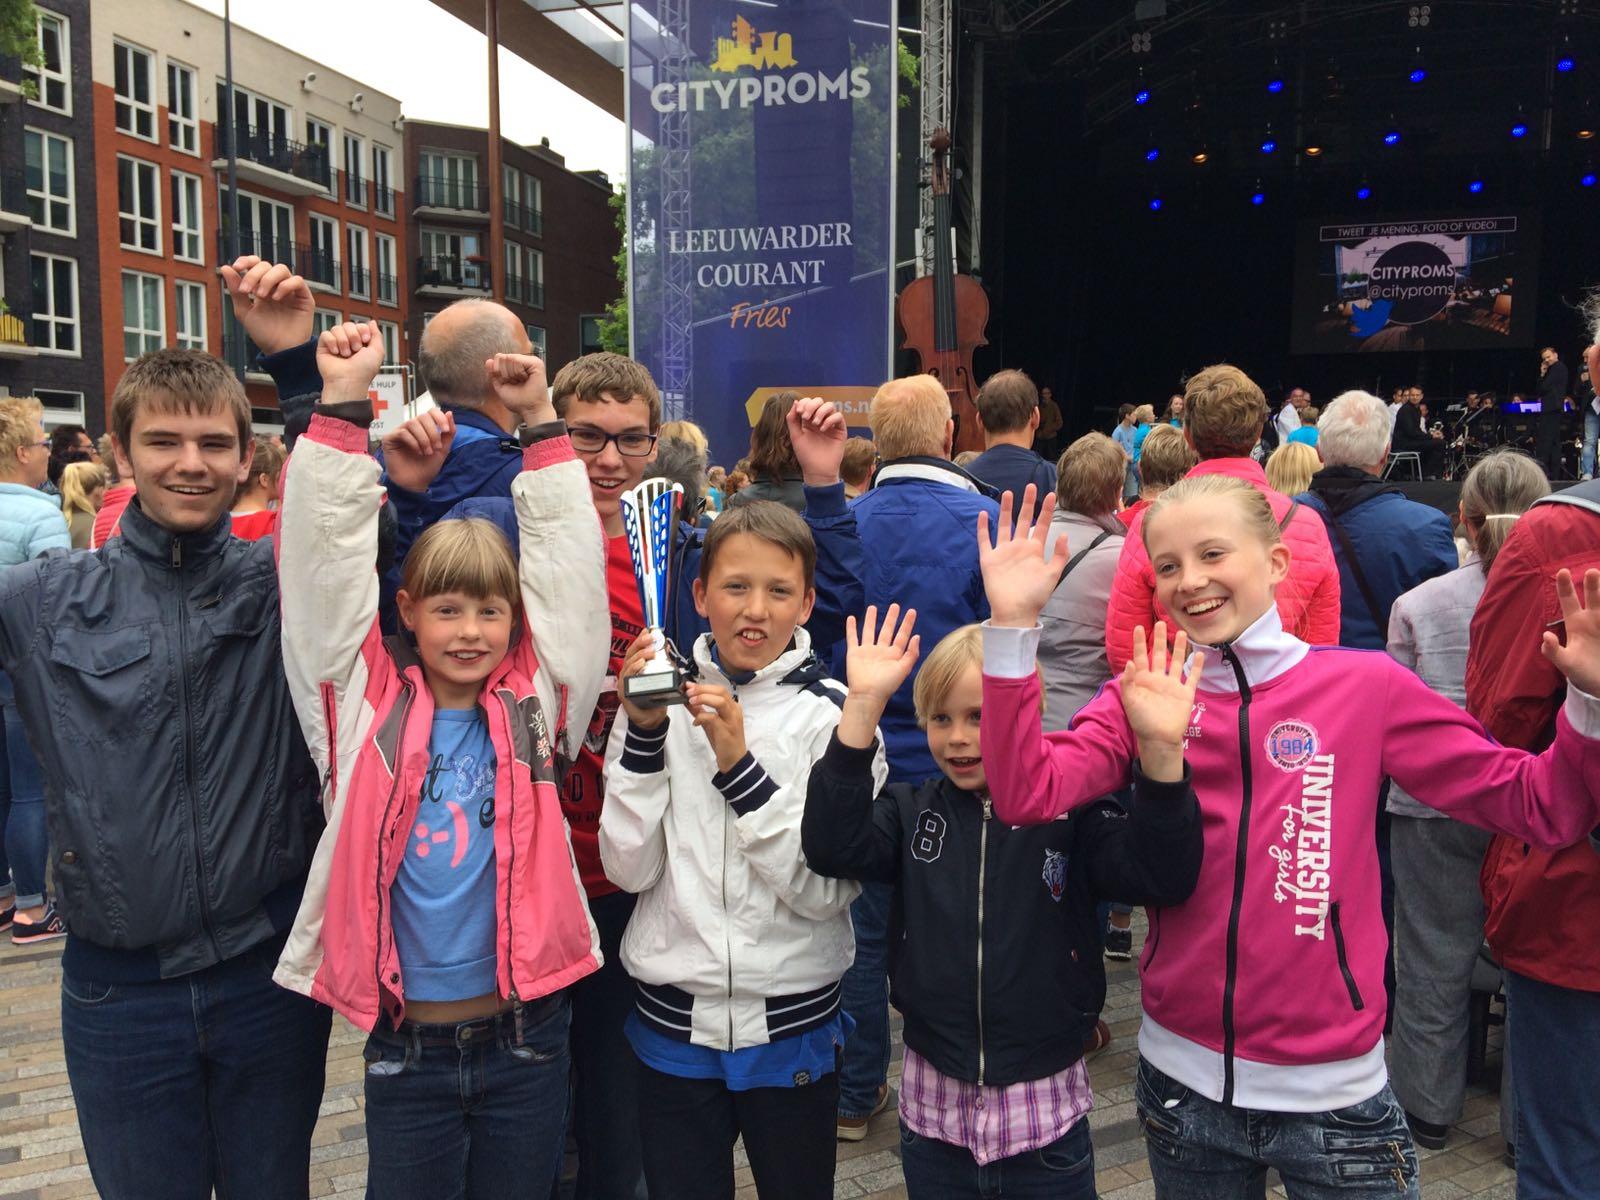 Jeugdorkest De Bazuin Triemen-Westergeest wint 2e prijs op jeugdorkestenfestival